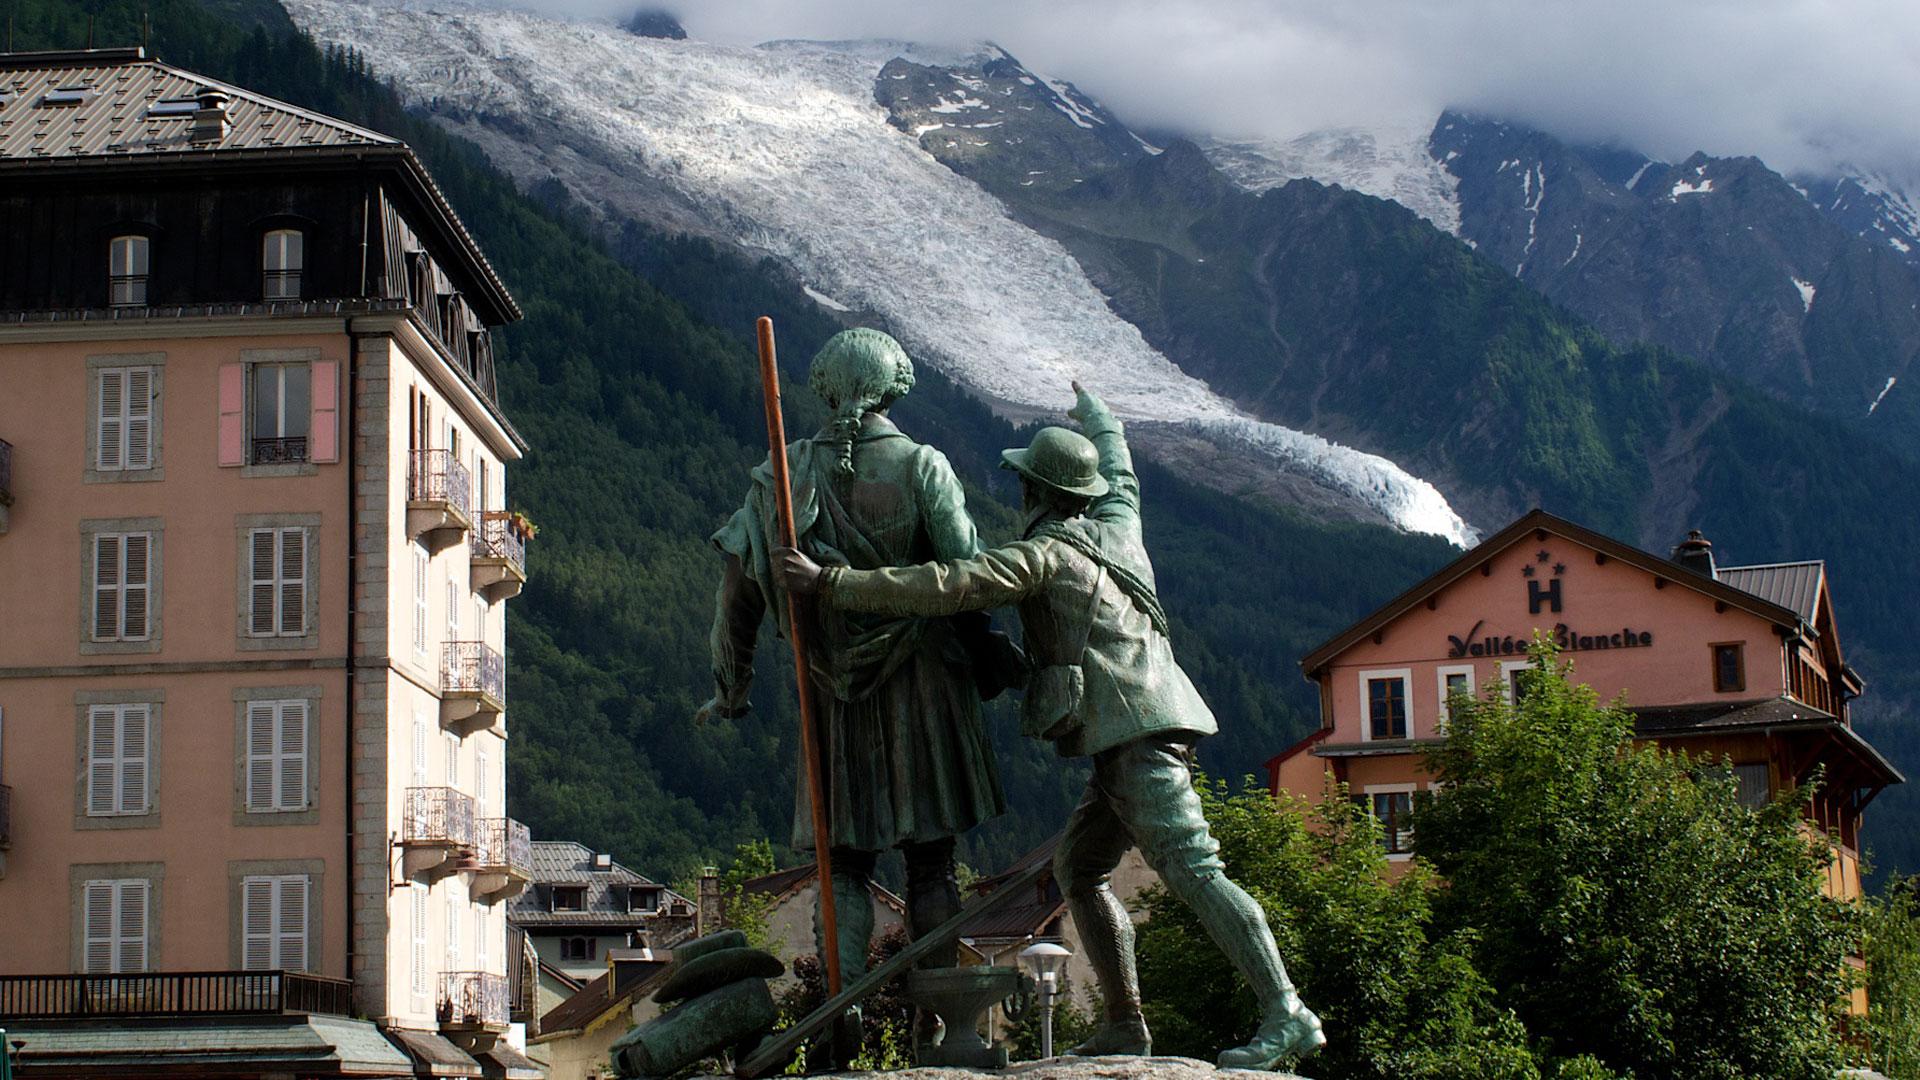 Das Denkmal für die beiden Erstbesteiger in Chamonix | Foto: www.olafrieck.de